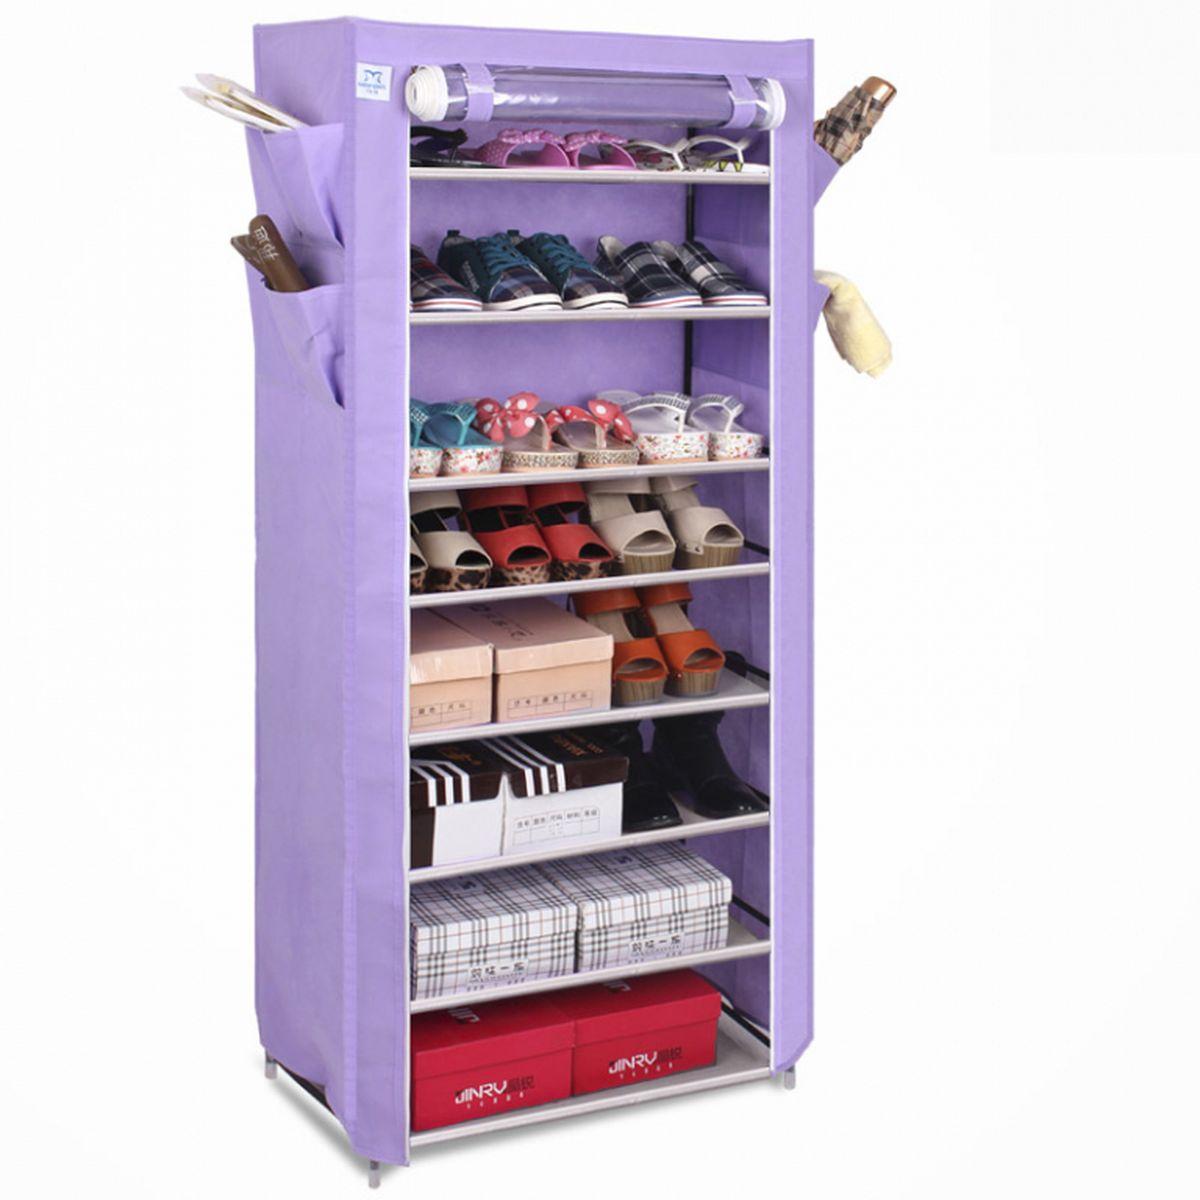 Шкаф для обуви и аксессуаров Homsu Элис, 8 полок, 60 x 30 x 136 см41619Шкаф для обуви и аксессуаров Homsu Элис выполнен из текстиля. Этот шкаф предназначен для комфортного, практичного и удобного хранения обуви и других предметов в вашем доме. Такой шкаф вполне может стать полноценным дополнением к вашей уютной домашней обстановке. Изделие имеет боковые кармашки для тапочек, зонтов и всяких мелочей и 8 полок для обуви шириной 60 см и глубиной 30 см.